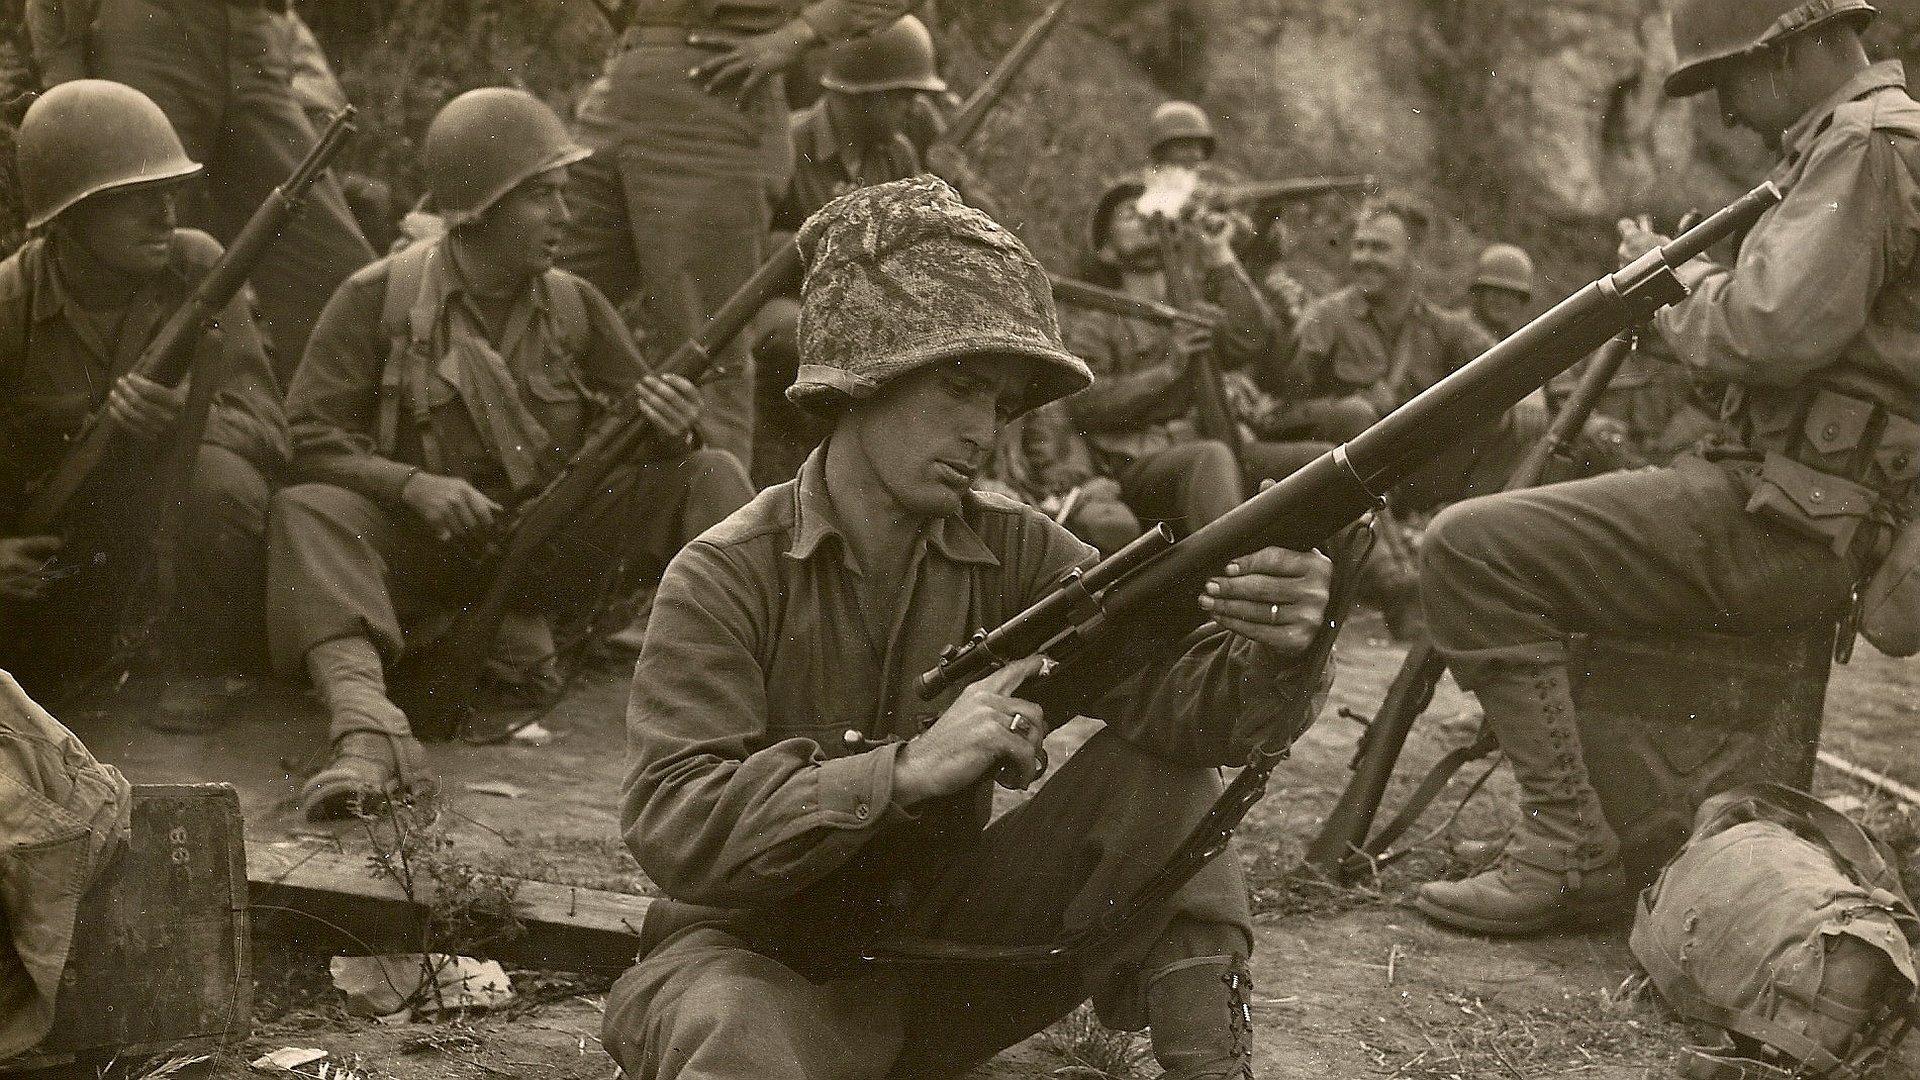 World War 2 (WW2) Wallpapers 1920x1080 Full HD (1080p